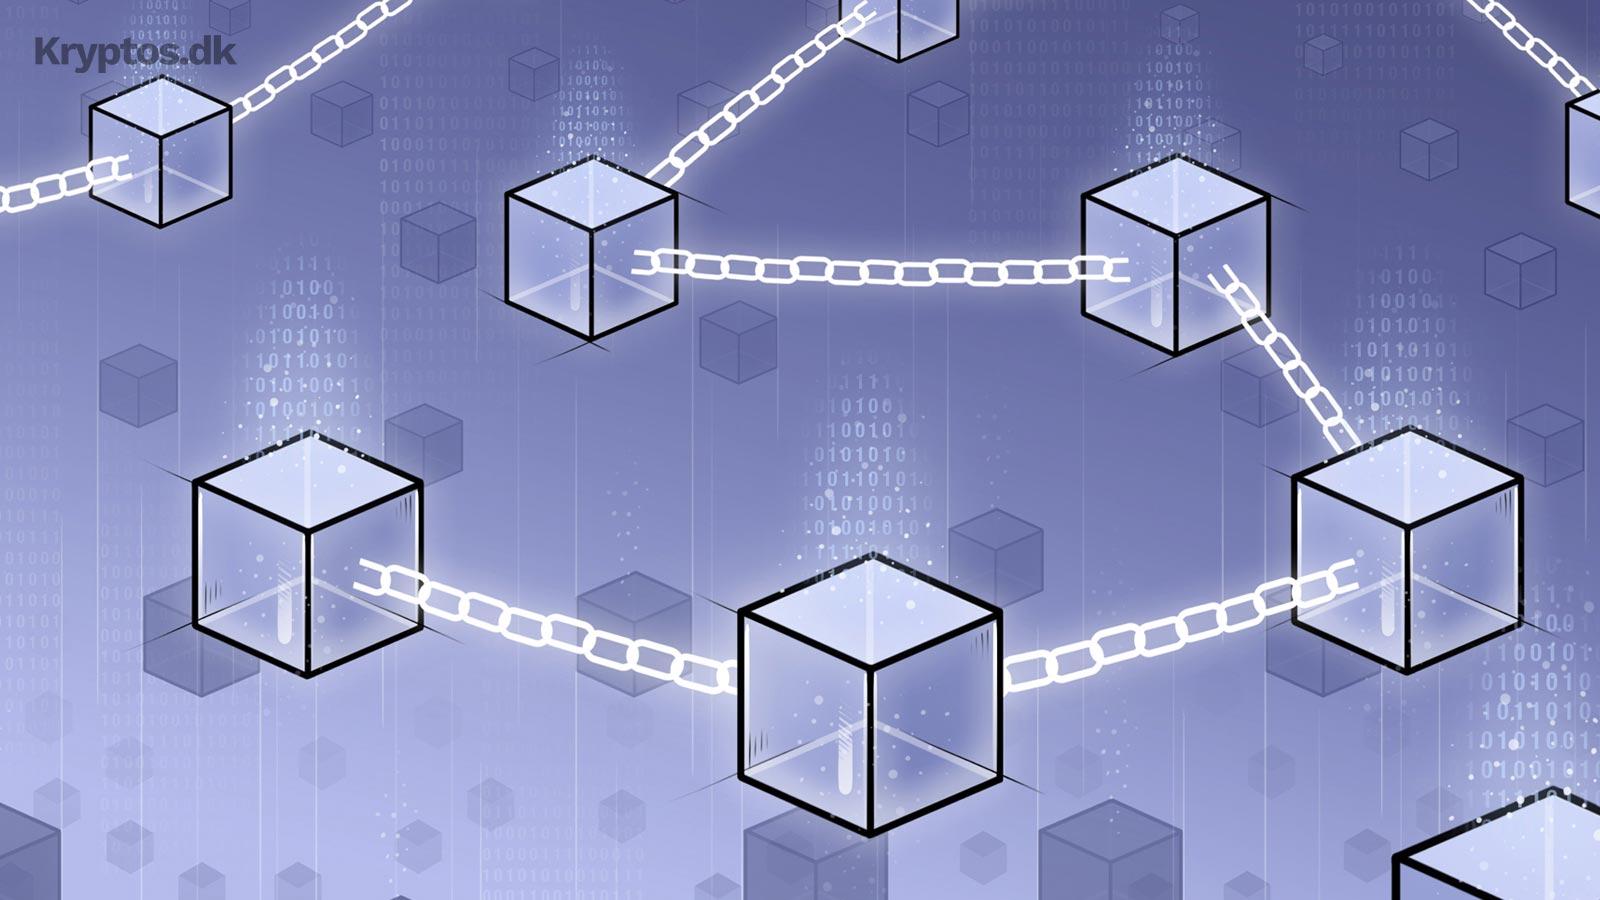 Hvad er Blockchain?